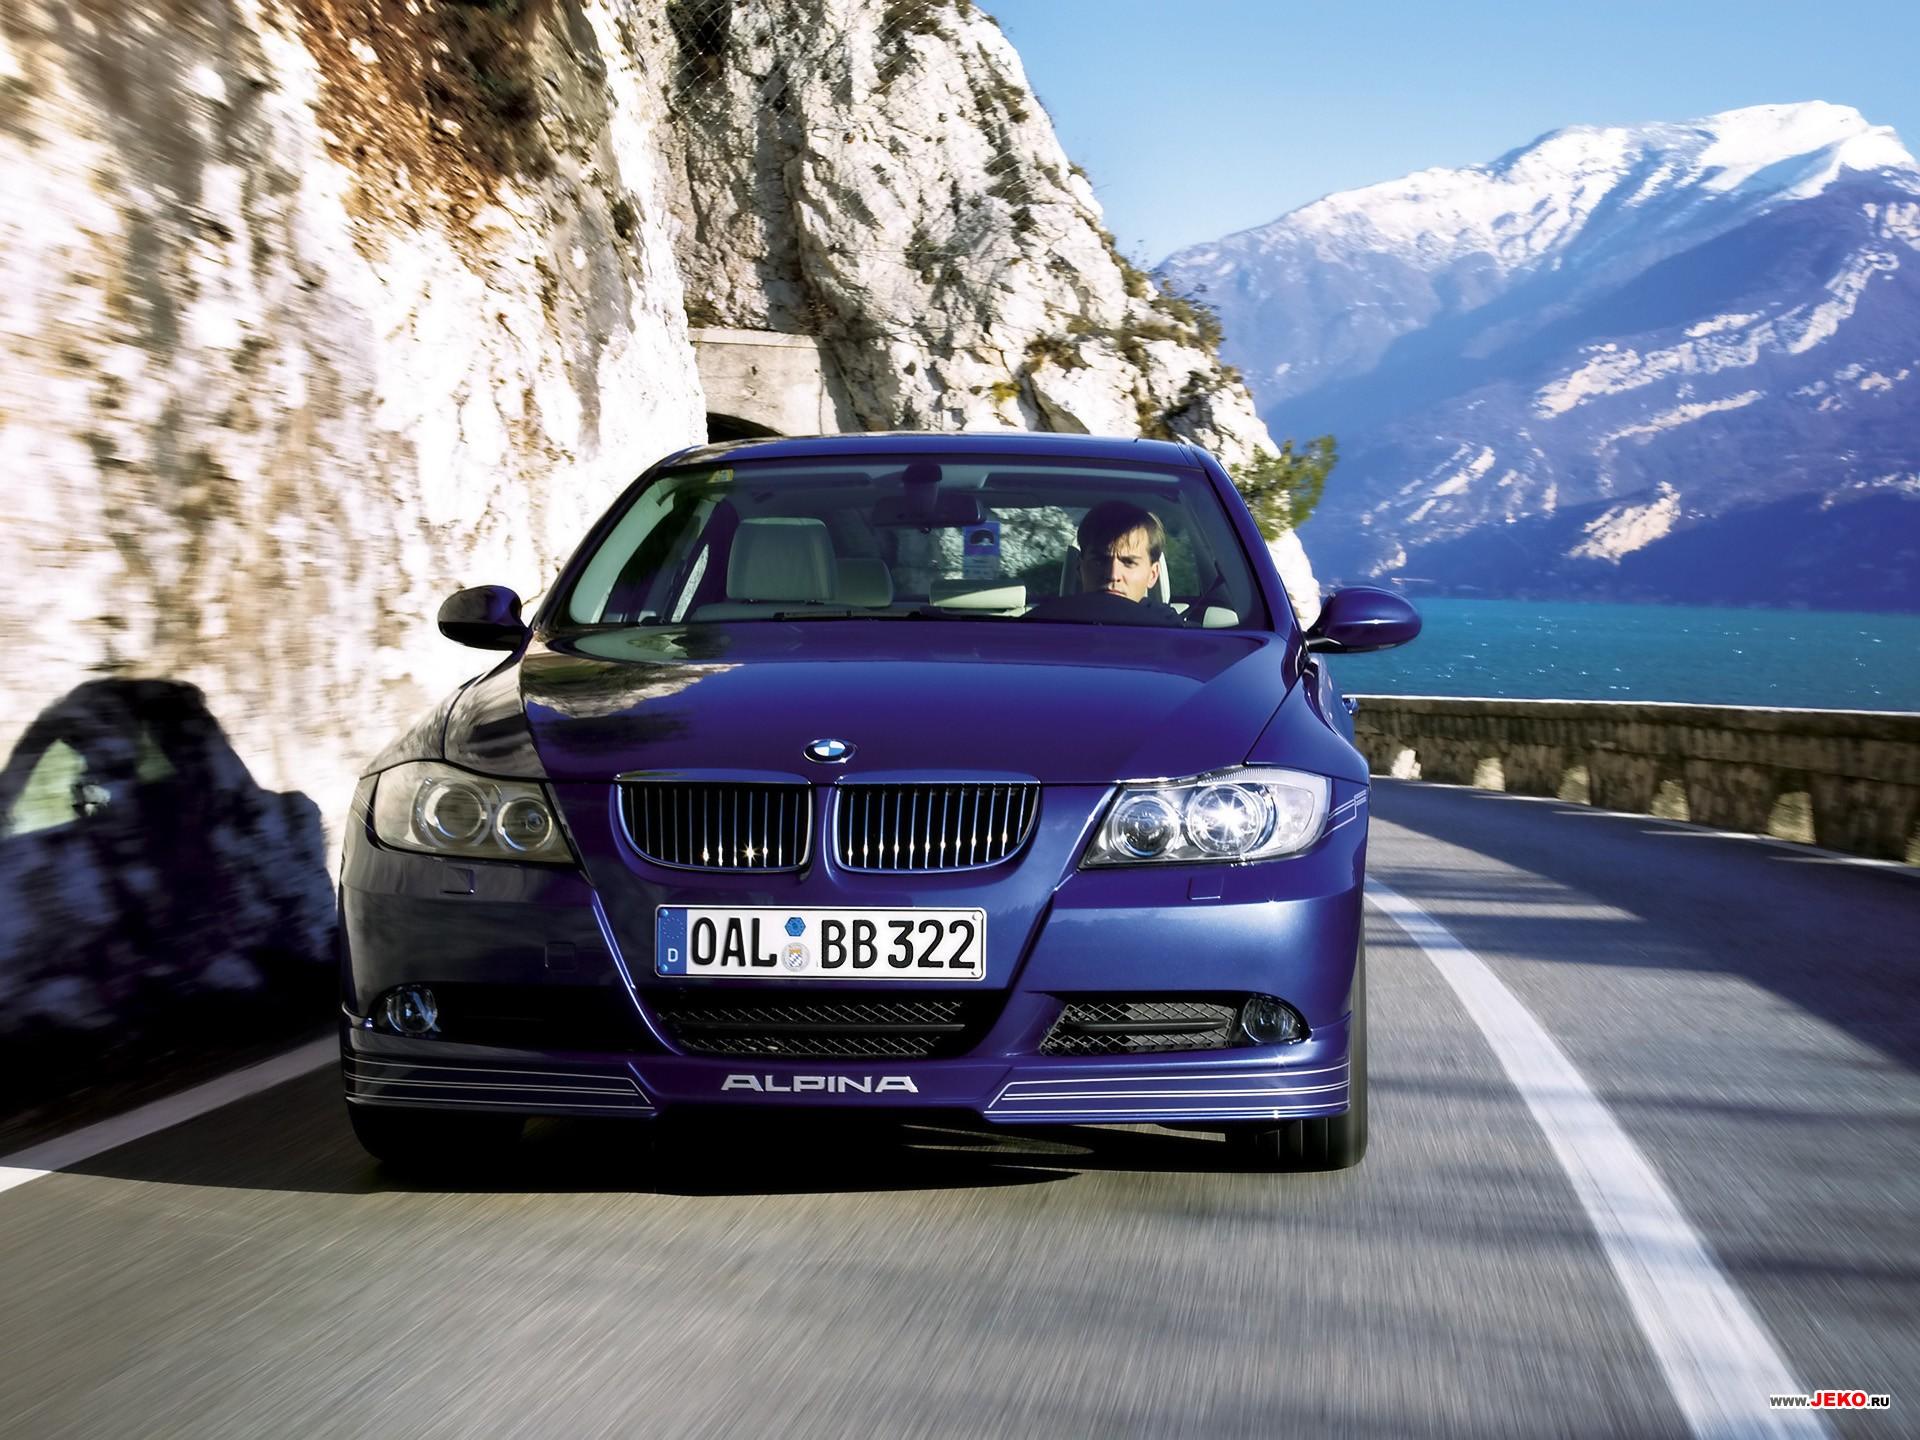 BMW-335i-2007-Alpina-B3-Bi-Turbo-based-on-1-